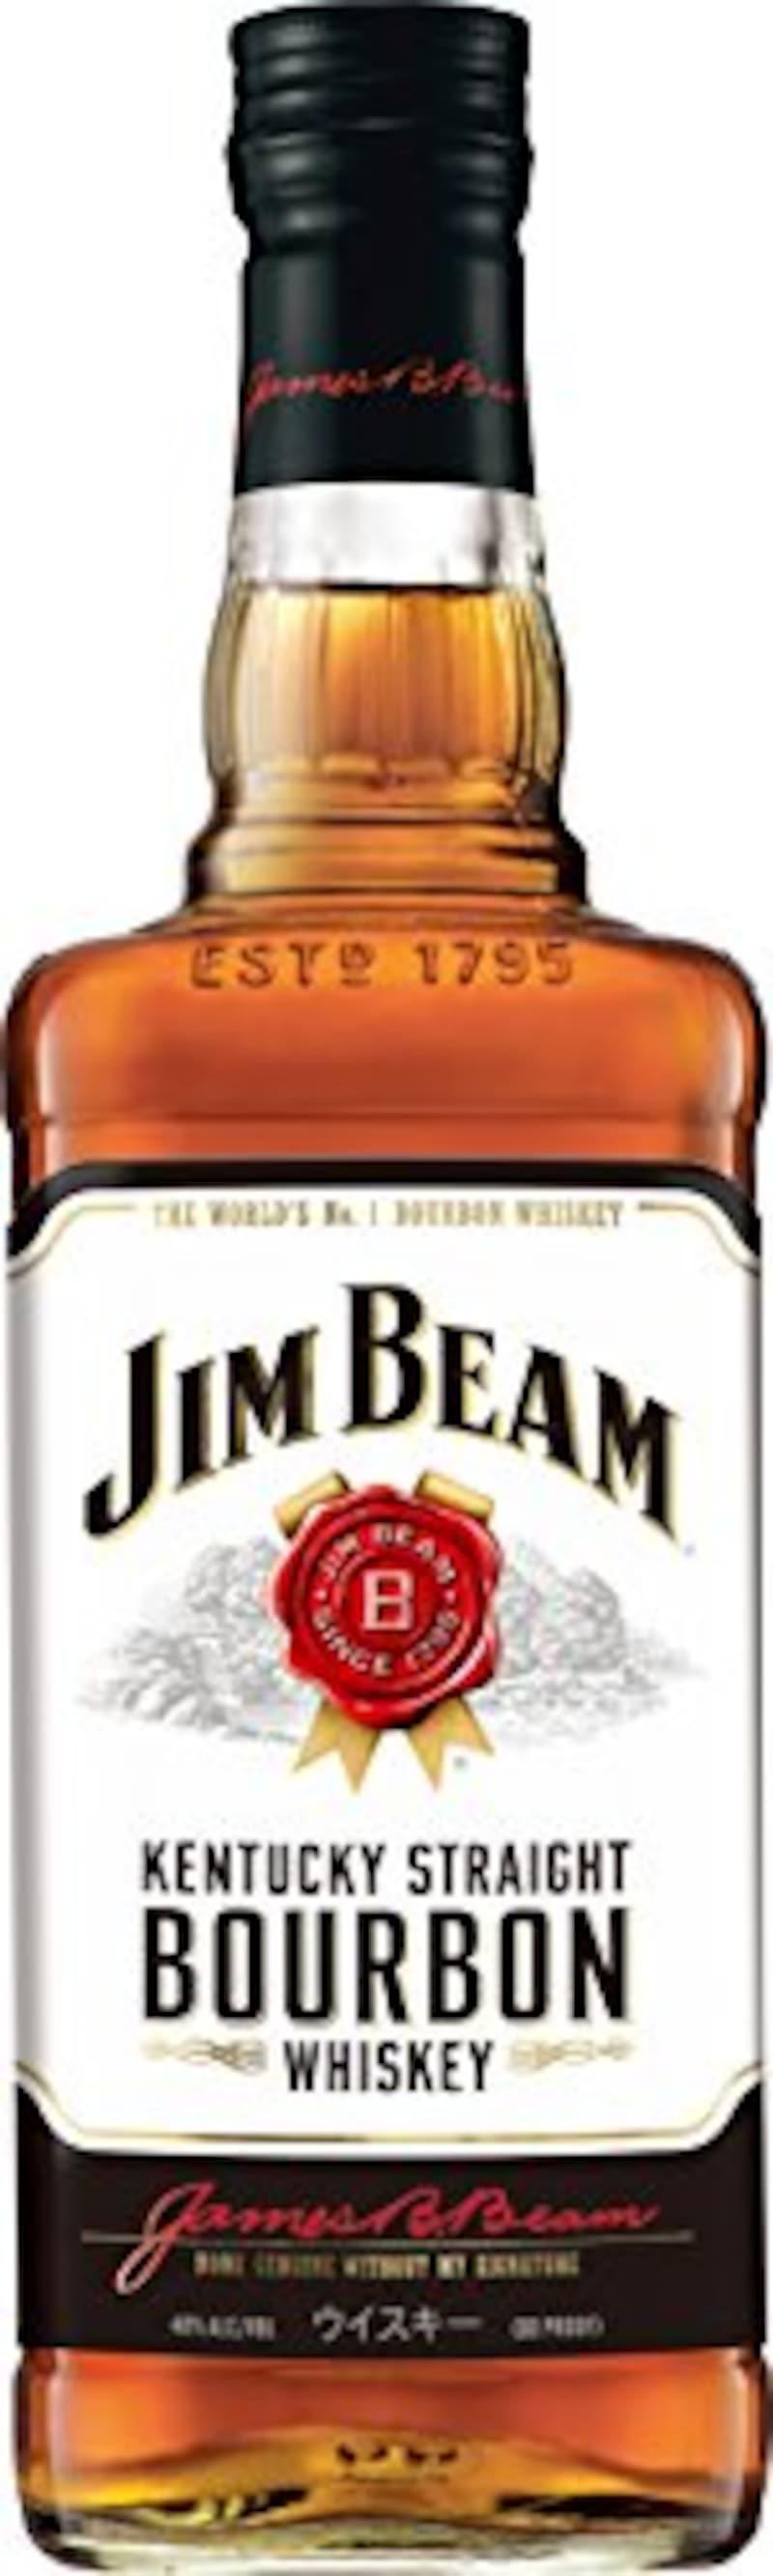 JIM BEAM(ジムビーム),ジムビーム(ホワイト)